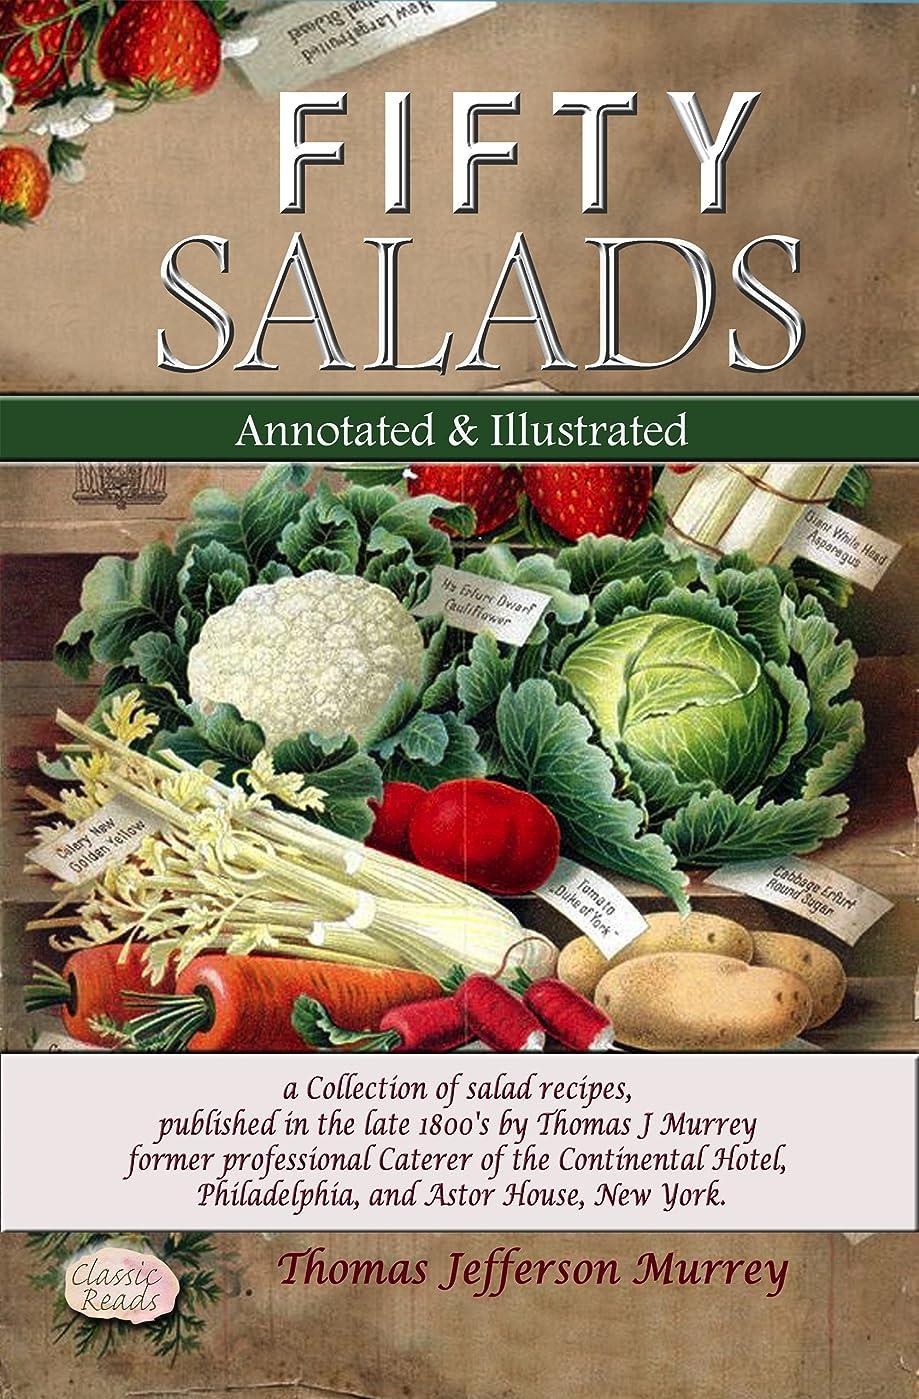 ラウズペア区画FIFTY SALADS Annotated and Illustrated: a Collection of salad recipes, published in the late 1800's by Thomas J Murrey former professional Caterer of the ... and Astor Hou (English Edition)